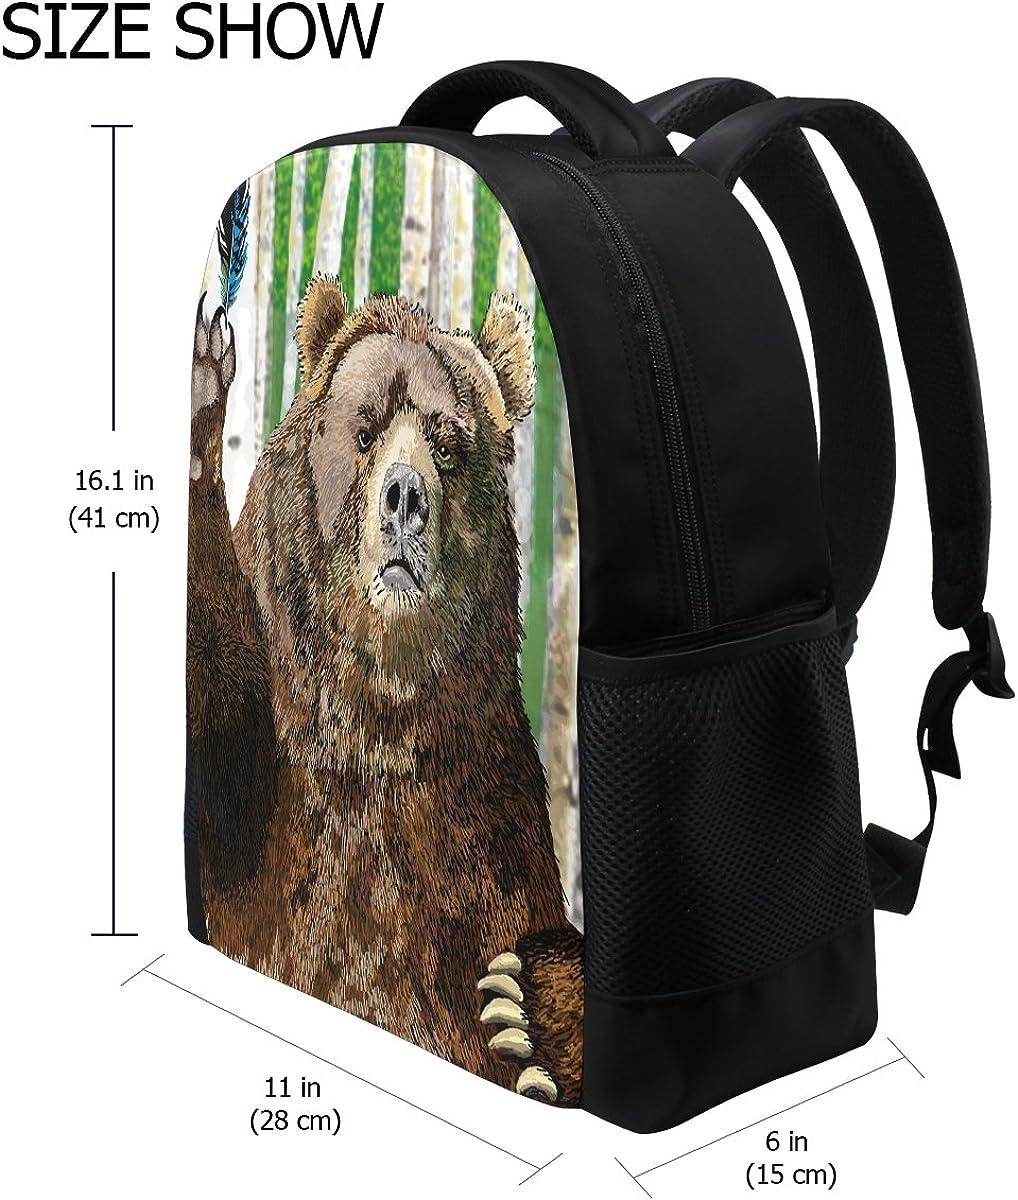 INTERESTPRINT Three Playful Animals Duffel Overnight Weekend Bag Travel Duffel Bag